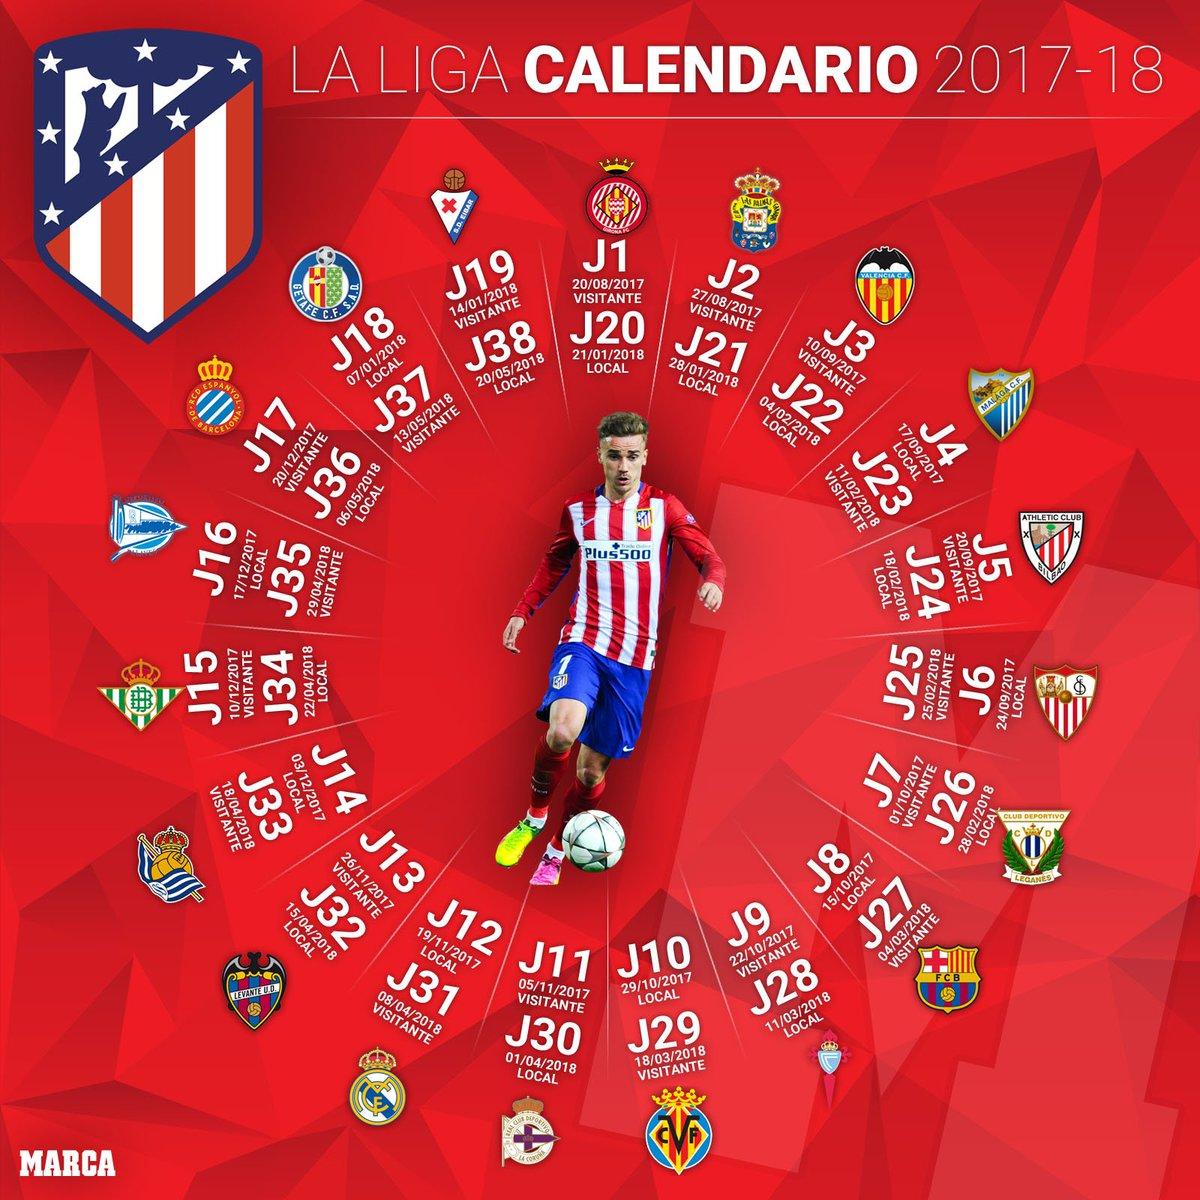 Calendario Atletico Madrid.Marca On Twitter Asi Sera El Calendario De Laliga De